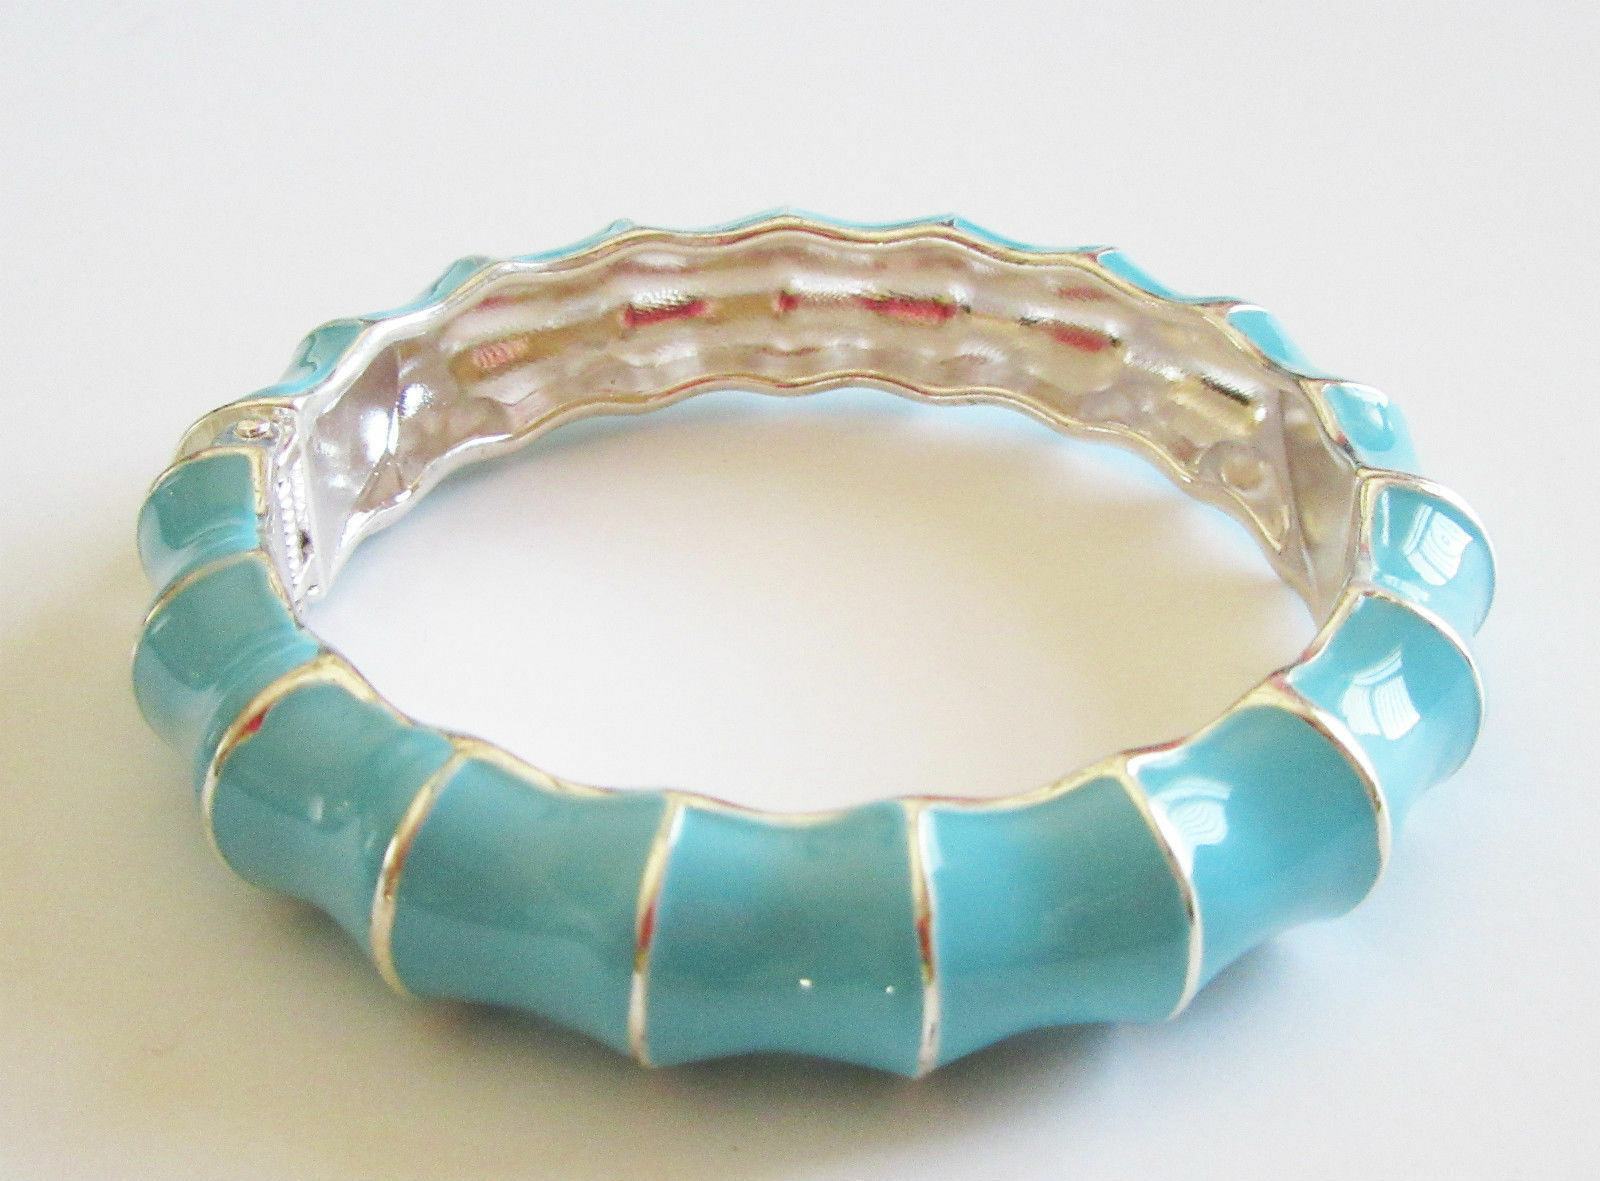 M77 Premier Designs Jewelry Wavy Bracelet In Silver RV 38 - $2.25